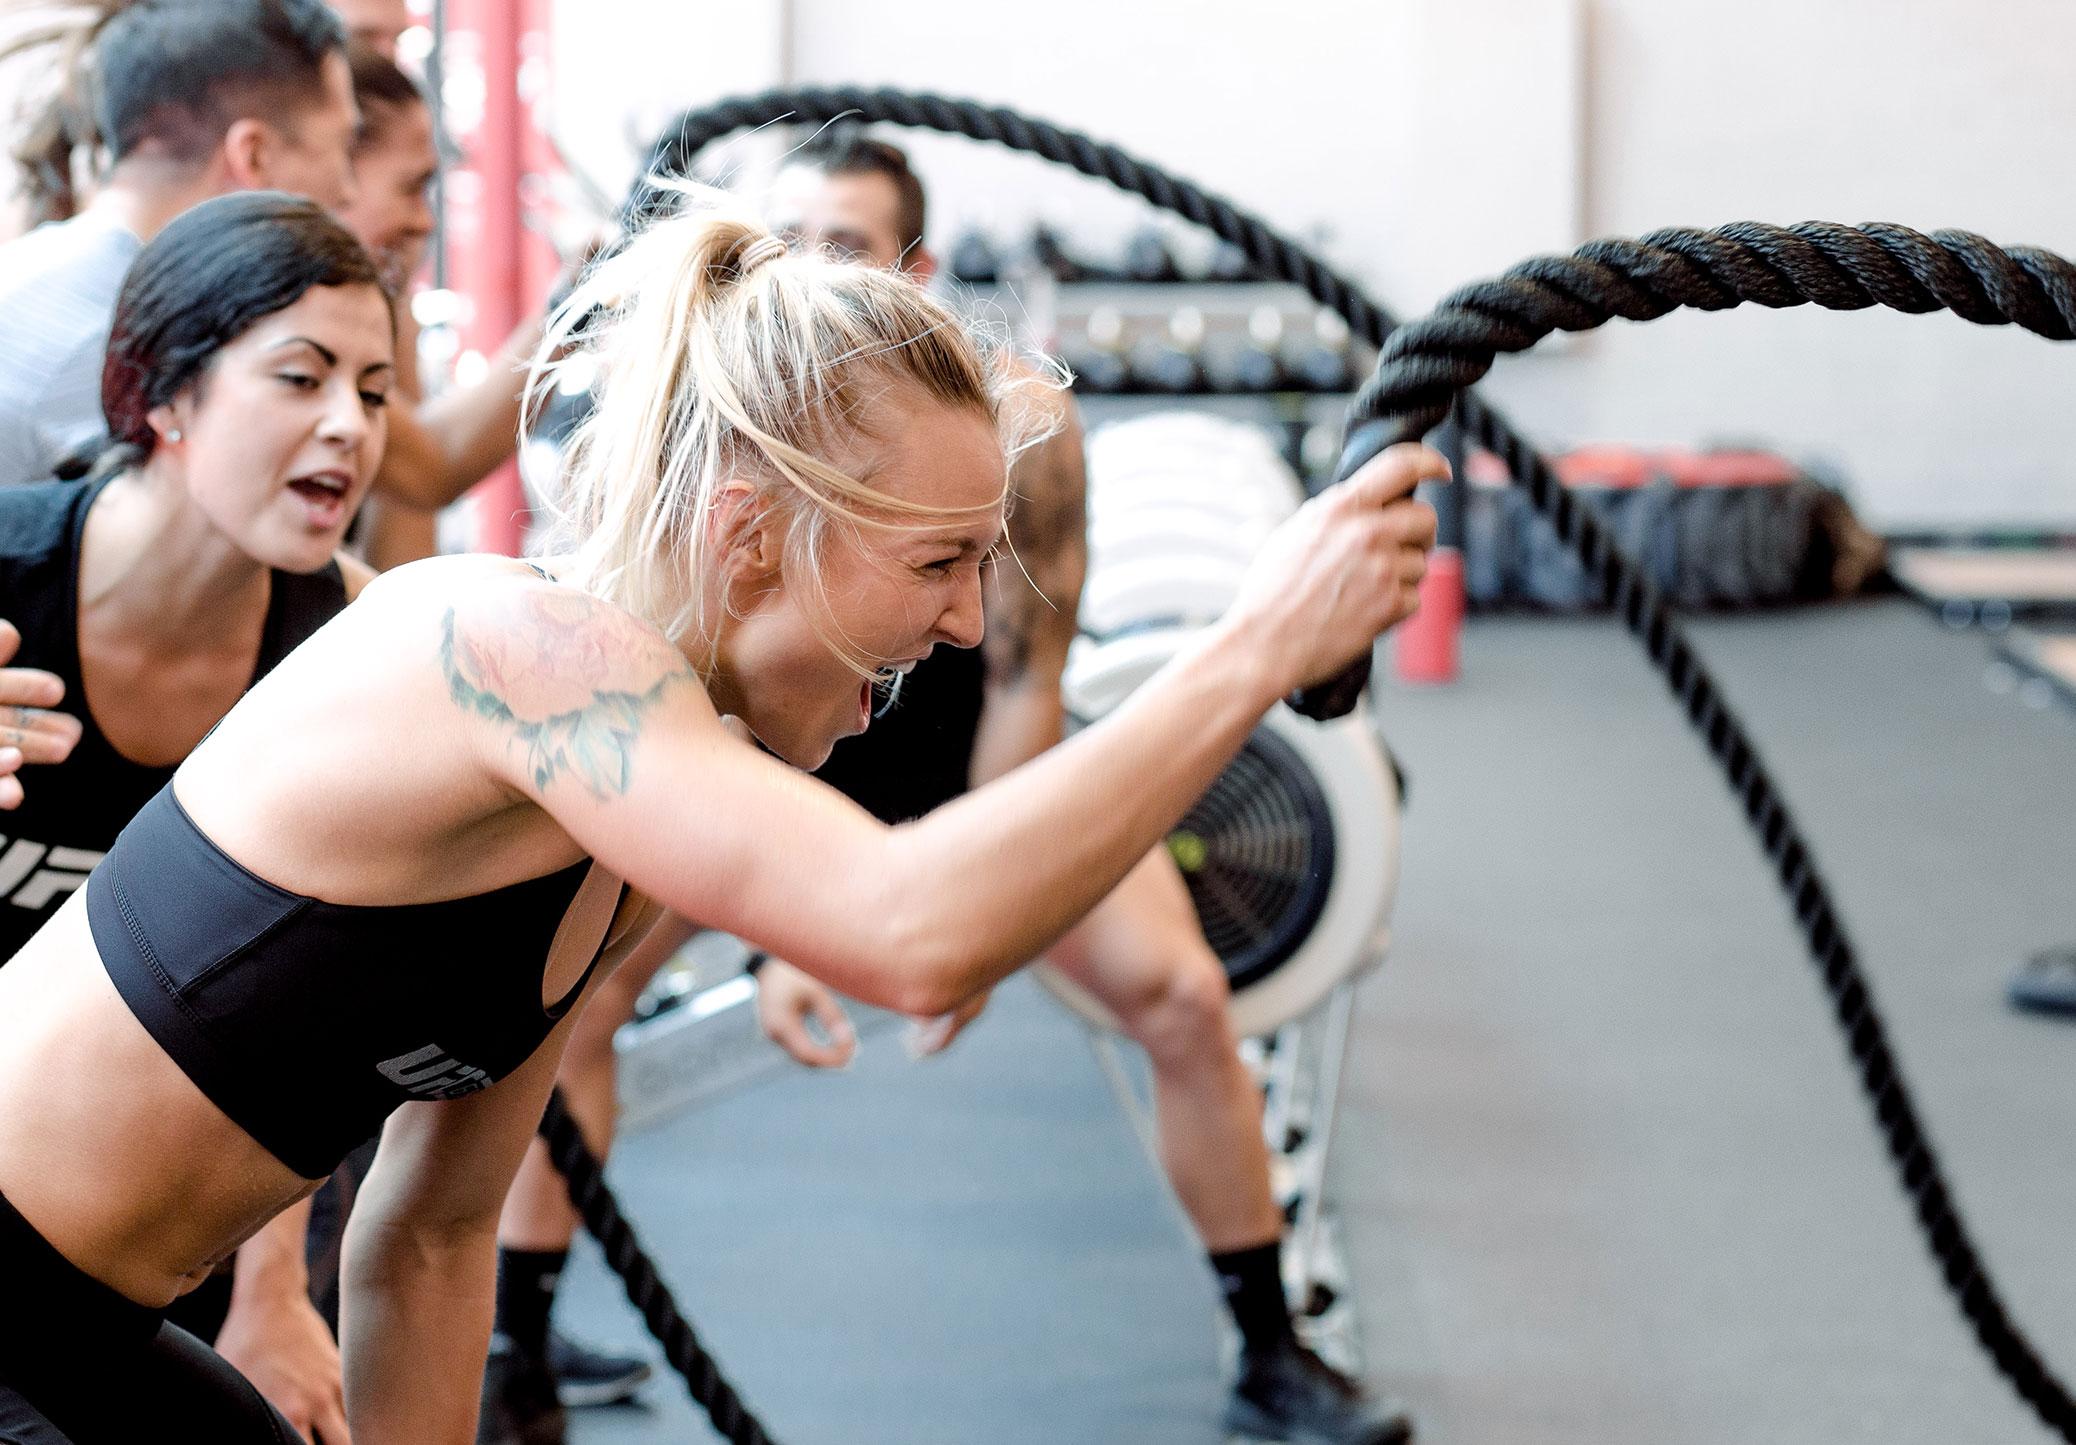 Gym Fitness Mma Training Ufc Gym Cast iron represents a strength that's eventually. www ufcgym com